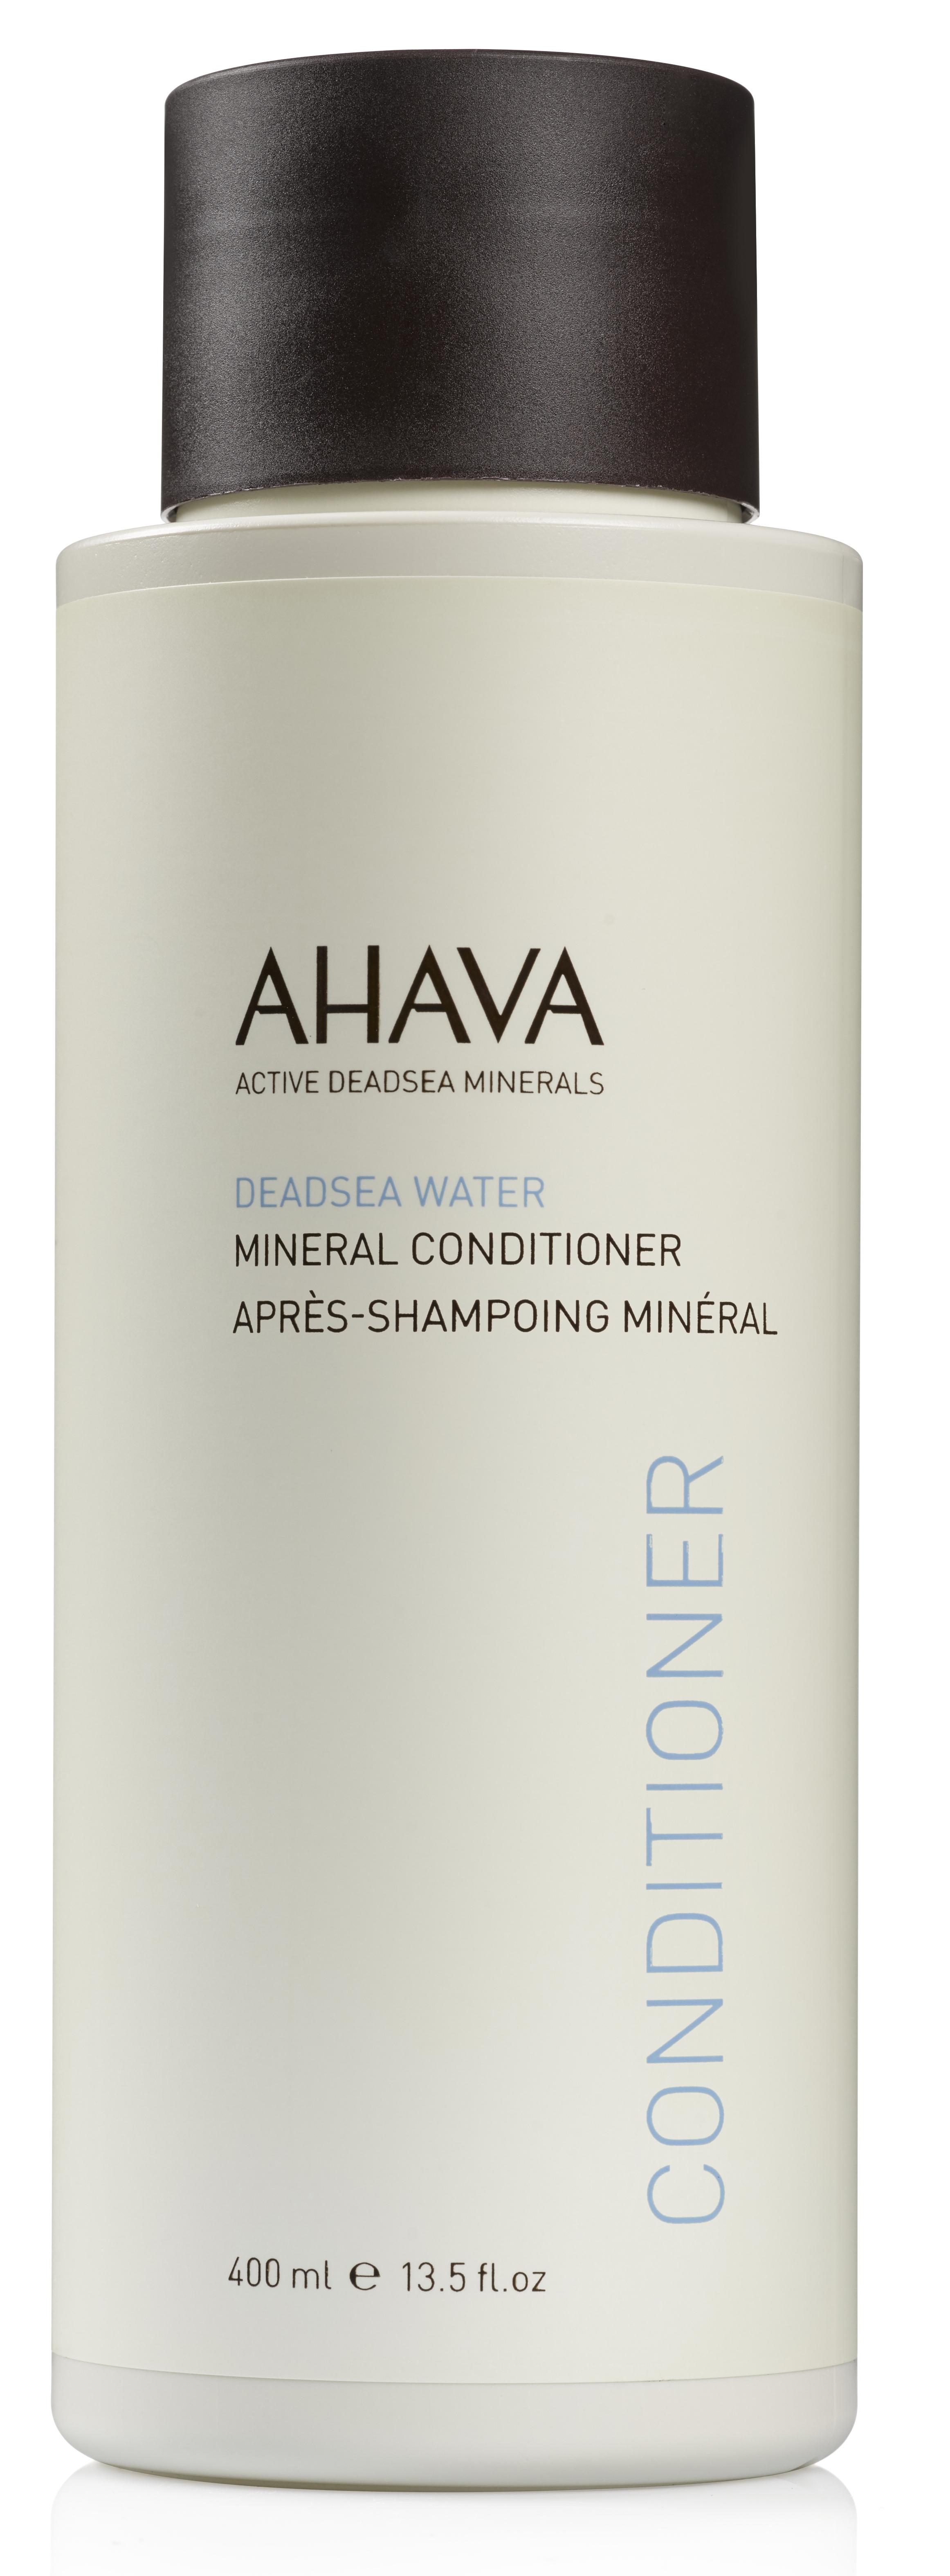 AHAVA Кондиционер минеральный / Deadsea Water 400 мл